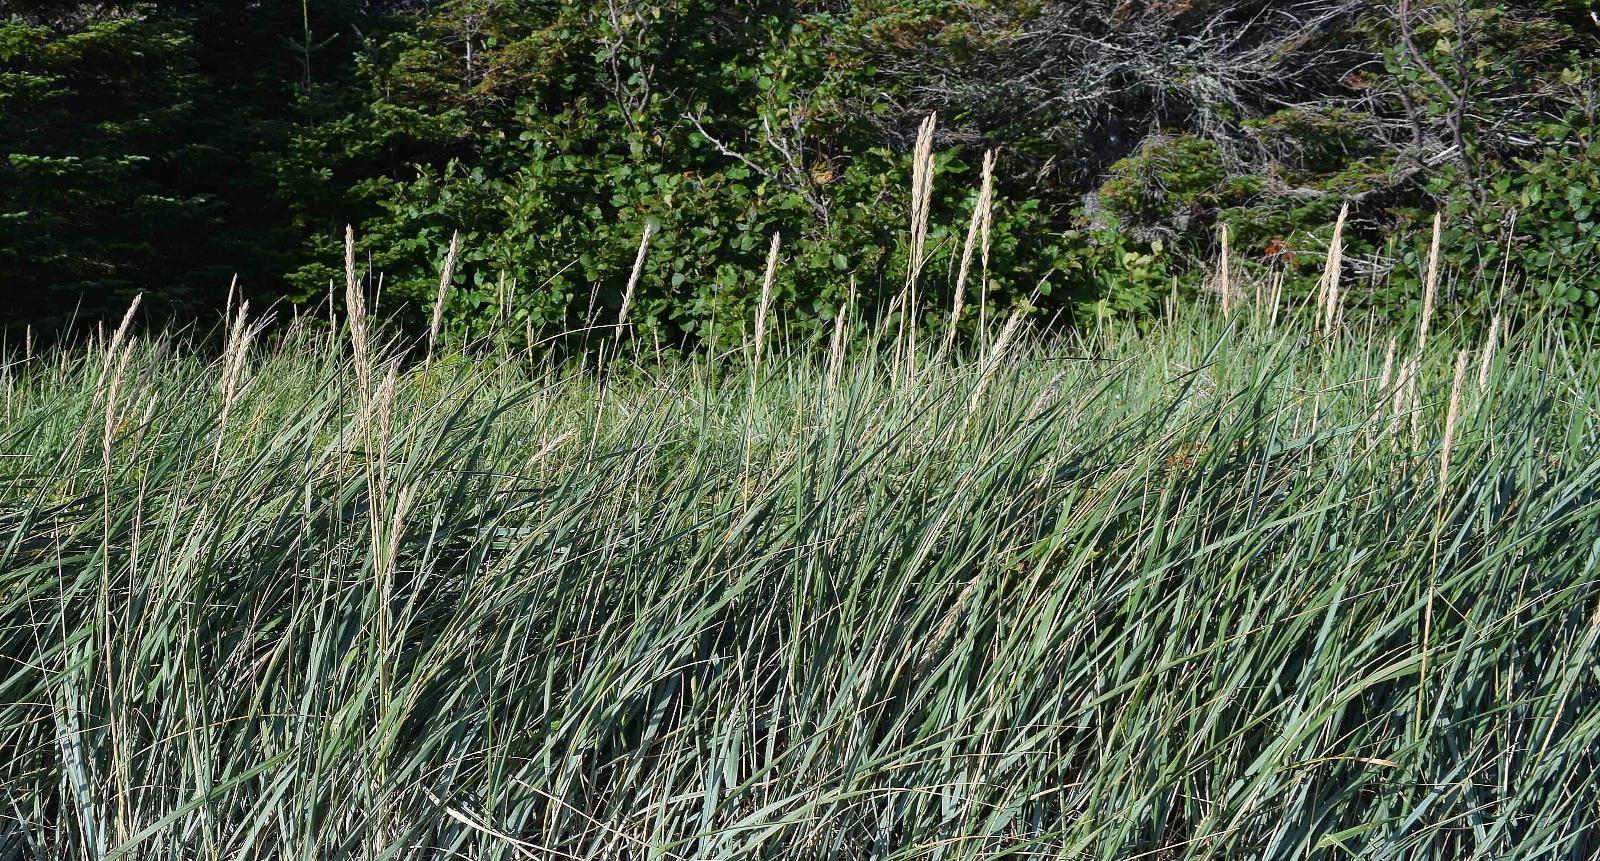 ��k��n�9�j�/i���y�#�f�_Gallery-Leymusmollis(strandwheat)-FloraofNewfoundlandandLabrador